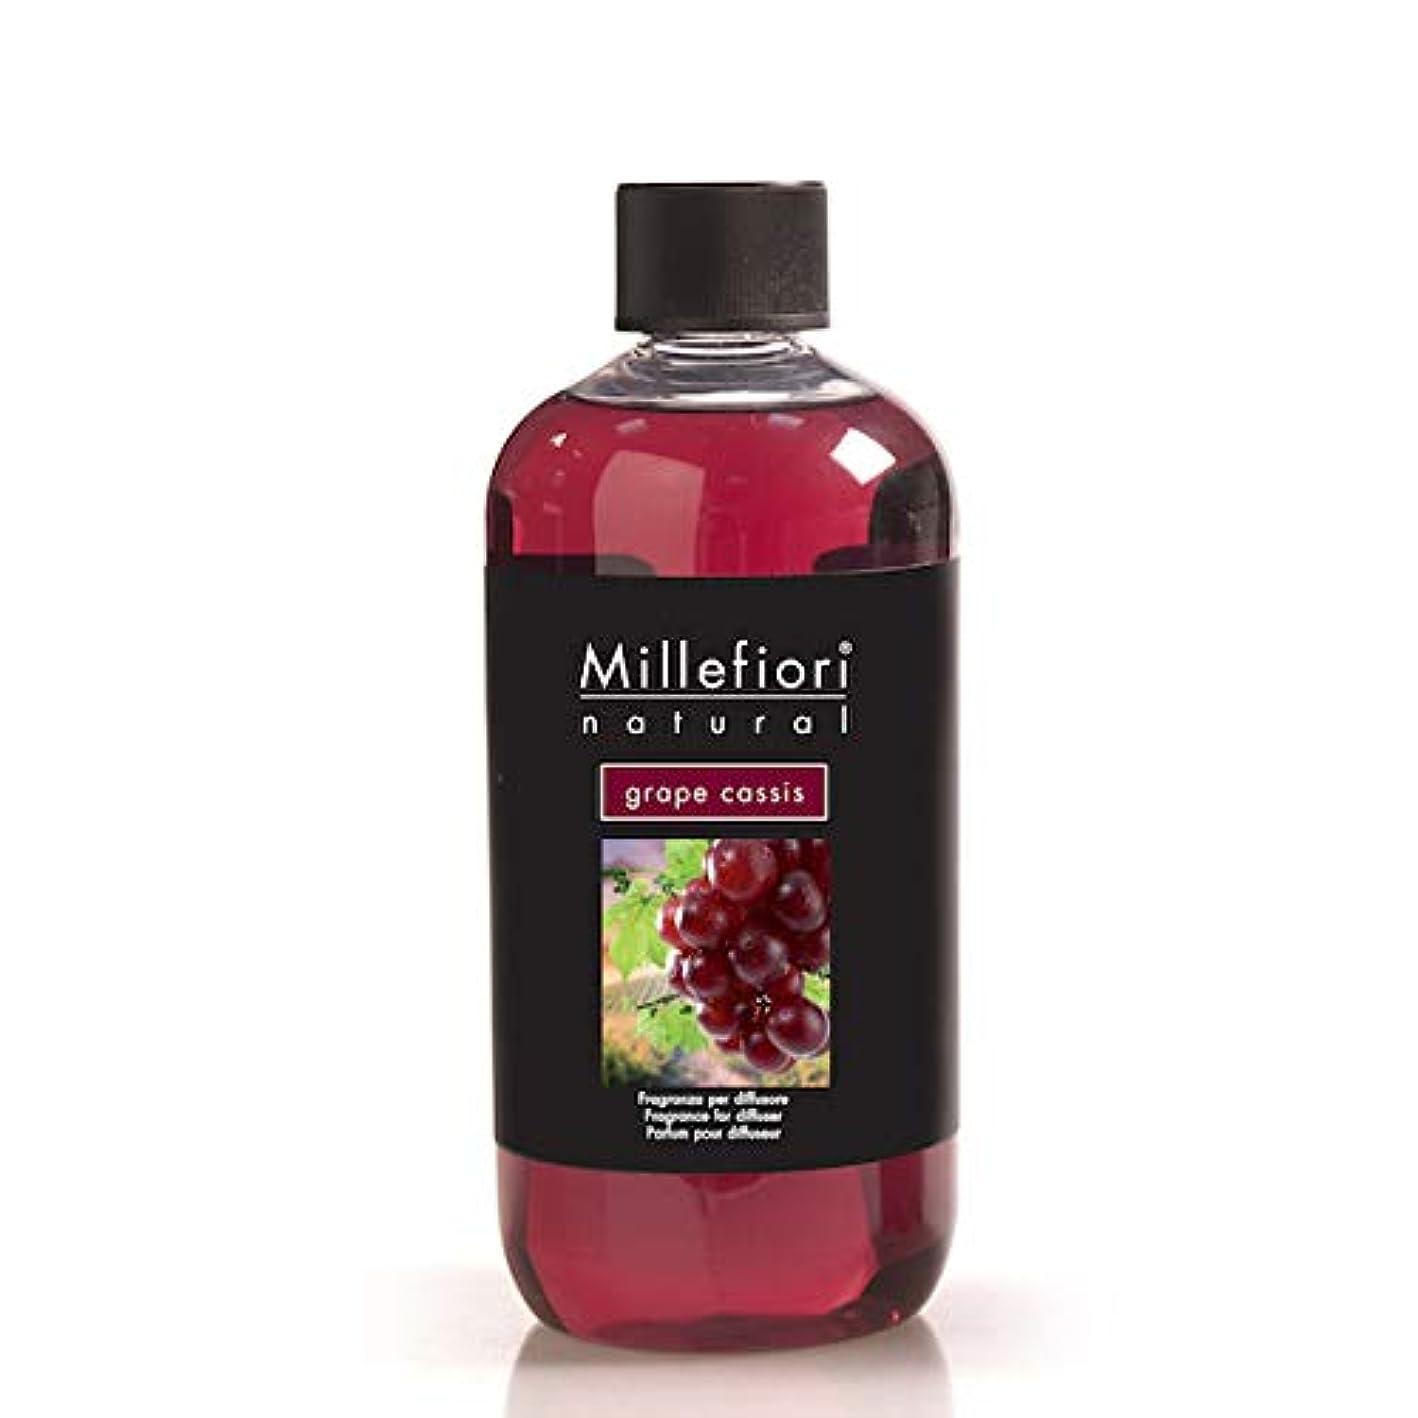 裏切り無視高潔なミッレフィオーリ(Millefiori) Natural グレープカシス(GRAPE CASSIS) 交換用リフィル500ml [並行輸入品]